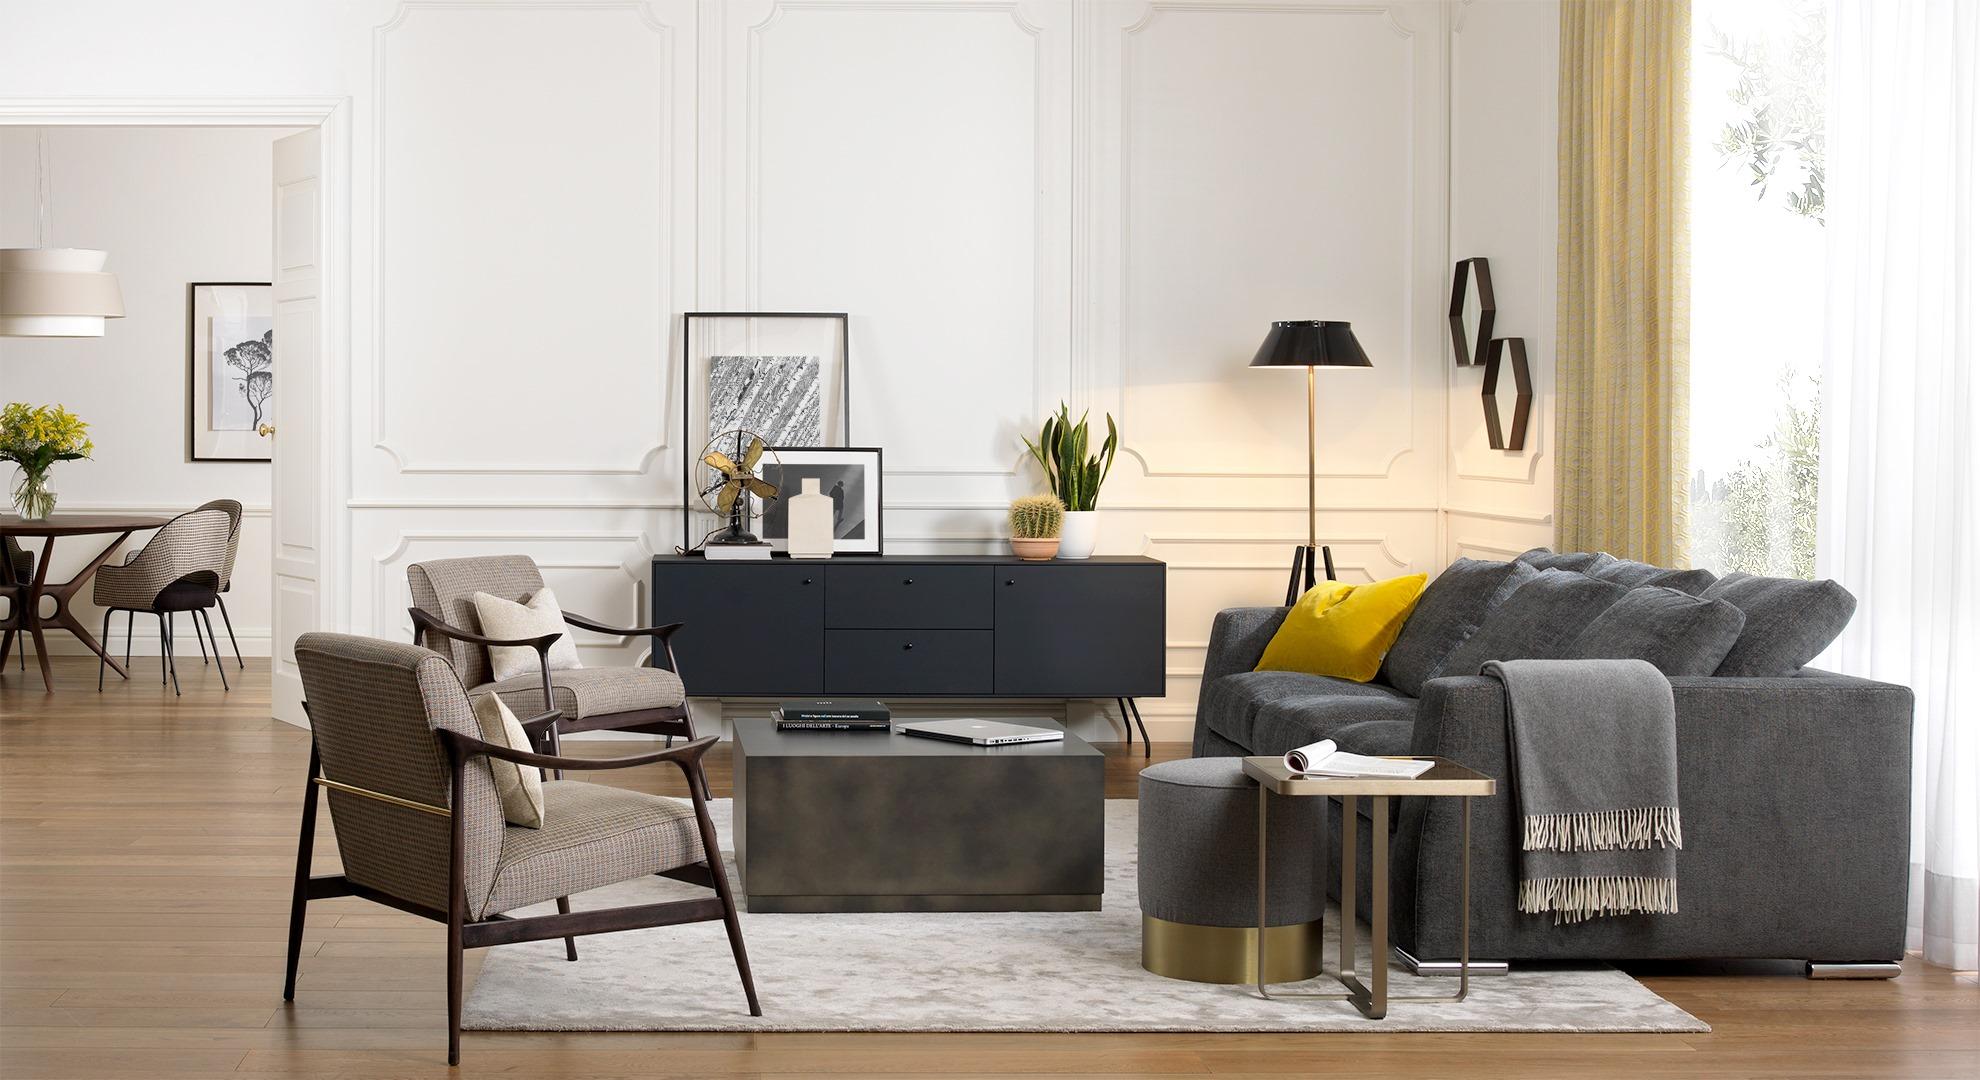 Stacco Tra Parquet E Piastrelle come abbinare i colori di mobili di design, pareti e pavimento